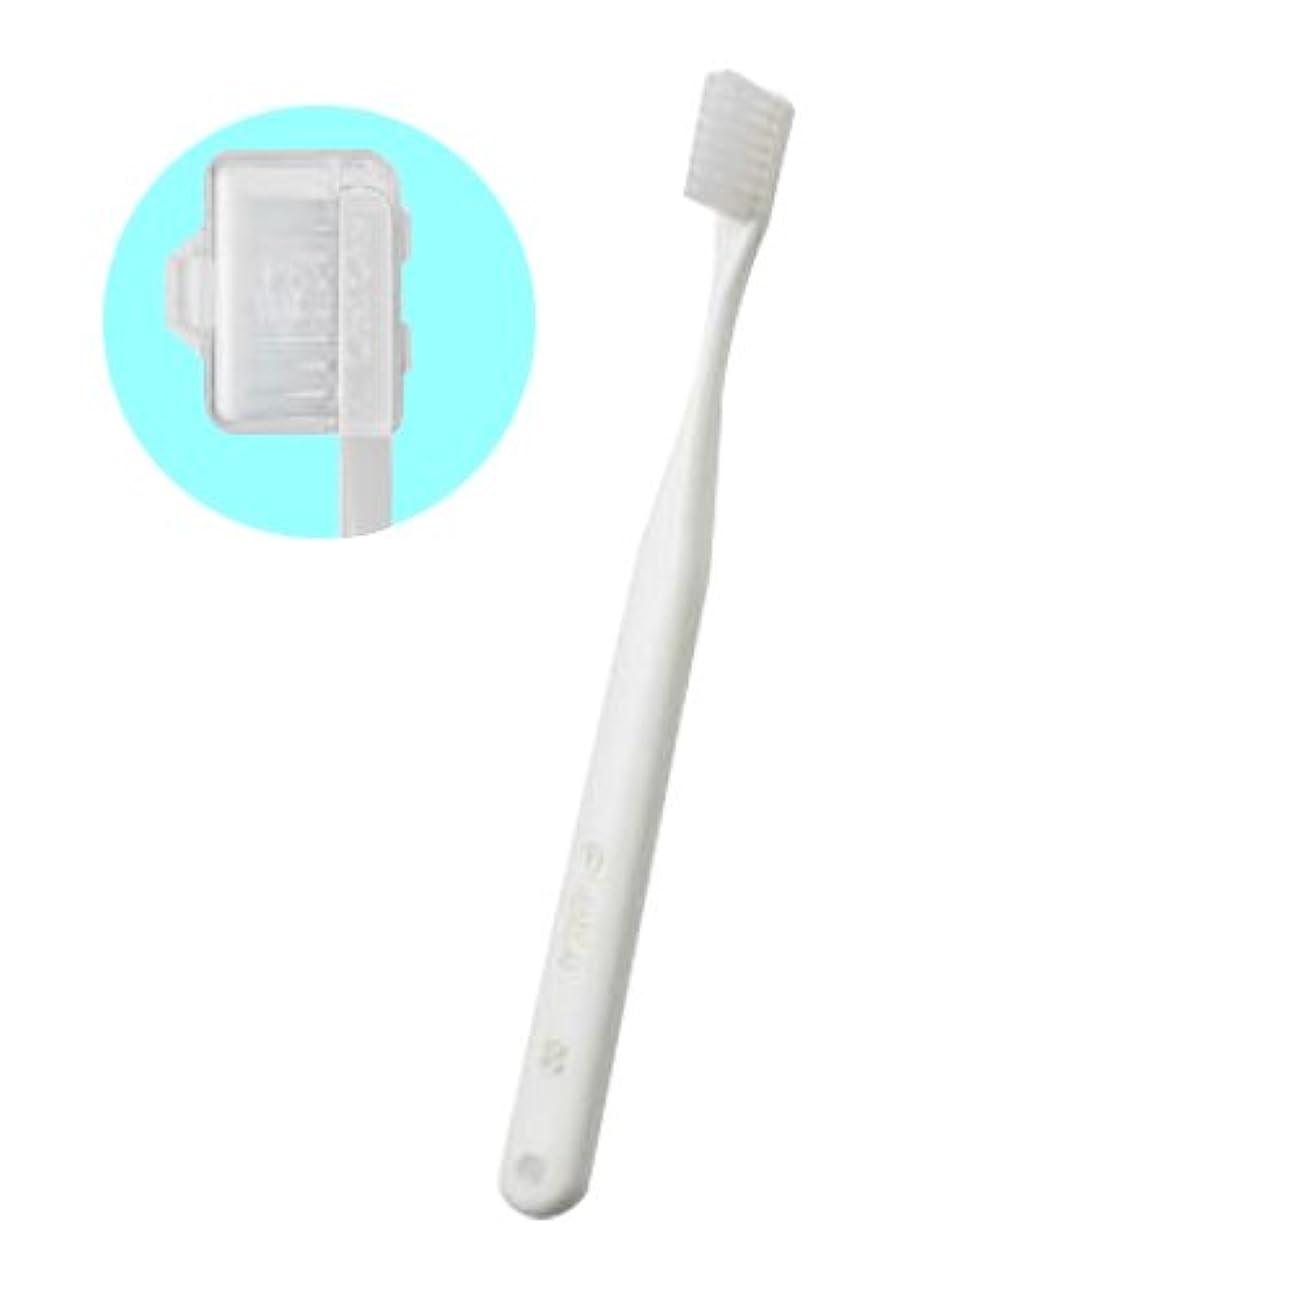 先入観ナース適応するオーラルケア キャップ付き タフト 24 歯ブラシ エクストラスーパーソフト 1本 (ホワイト)